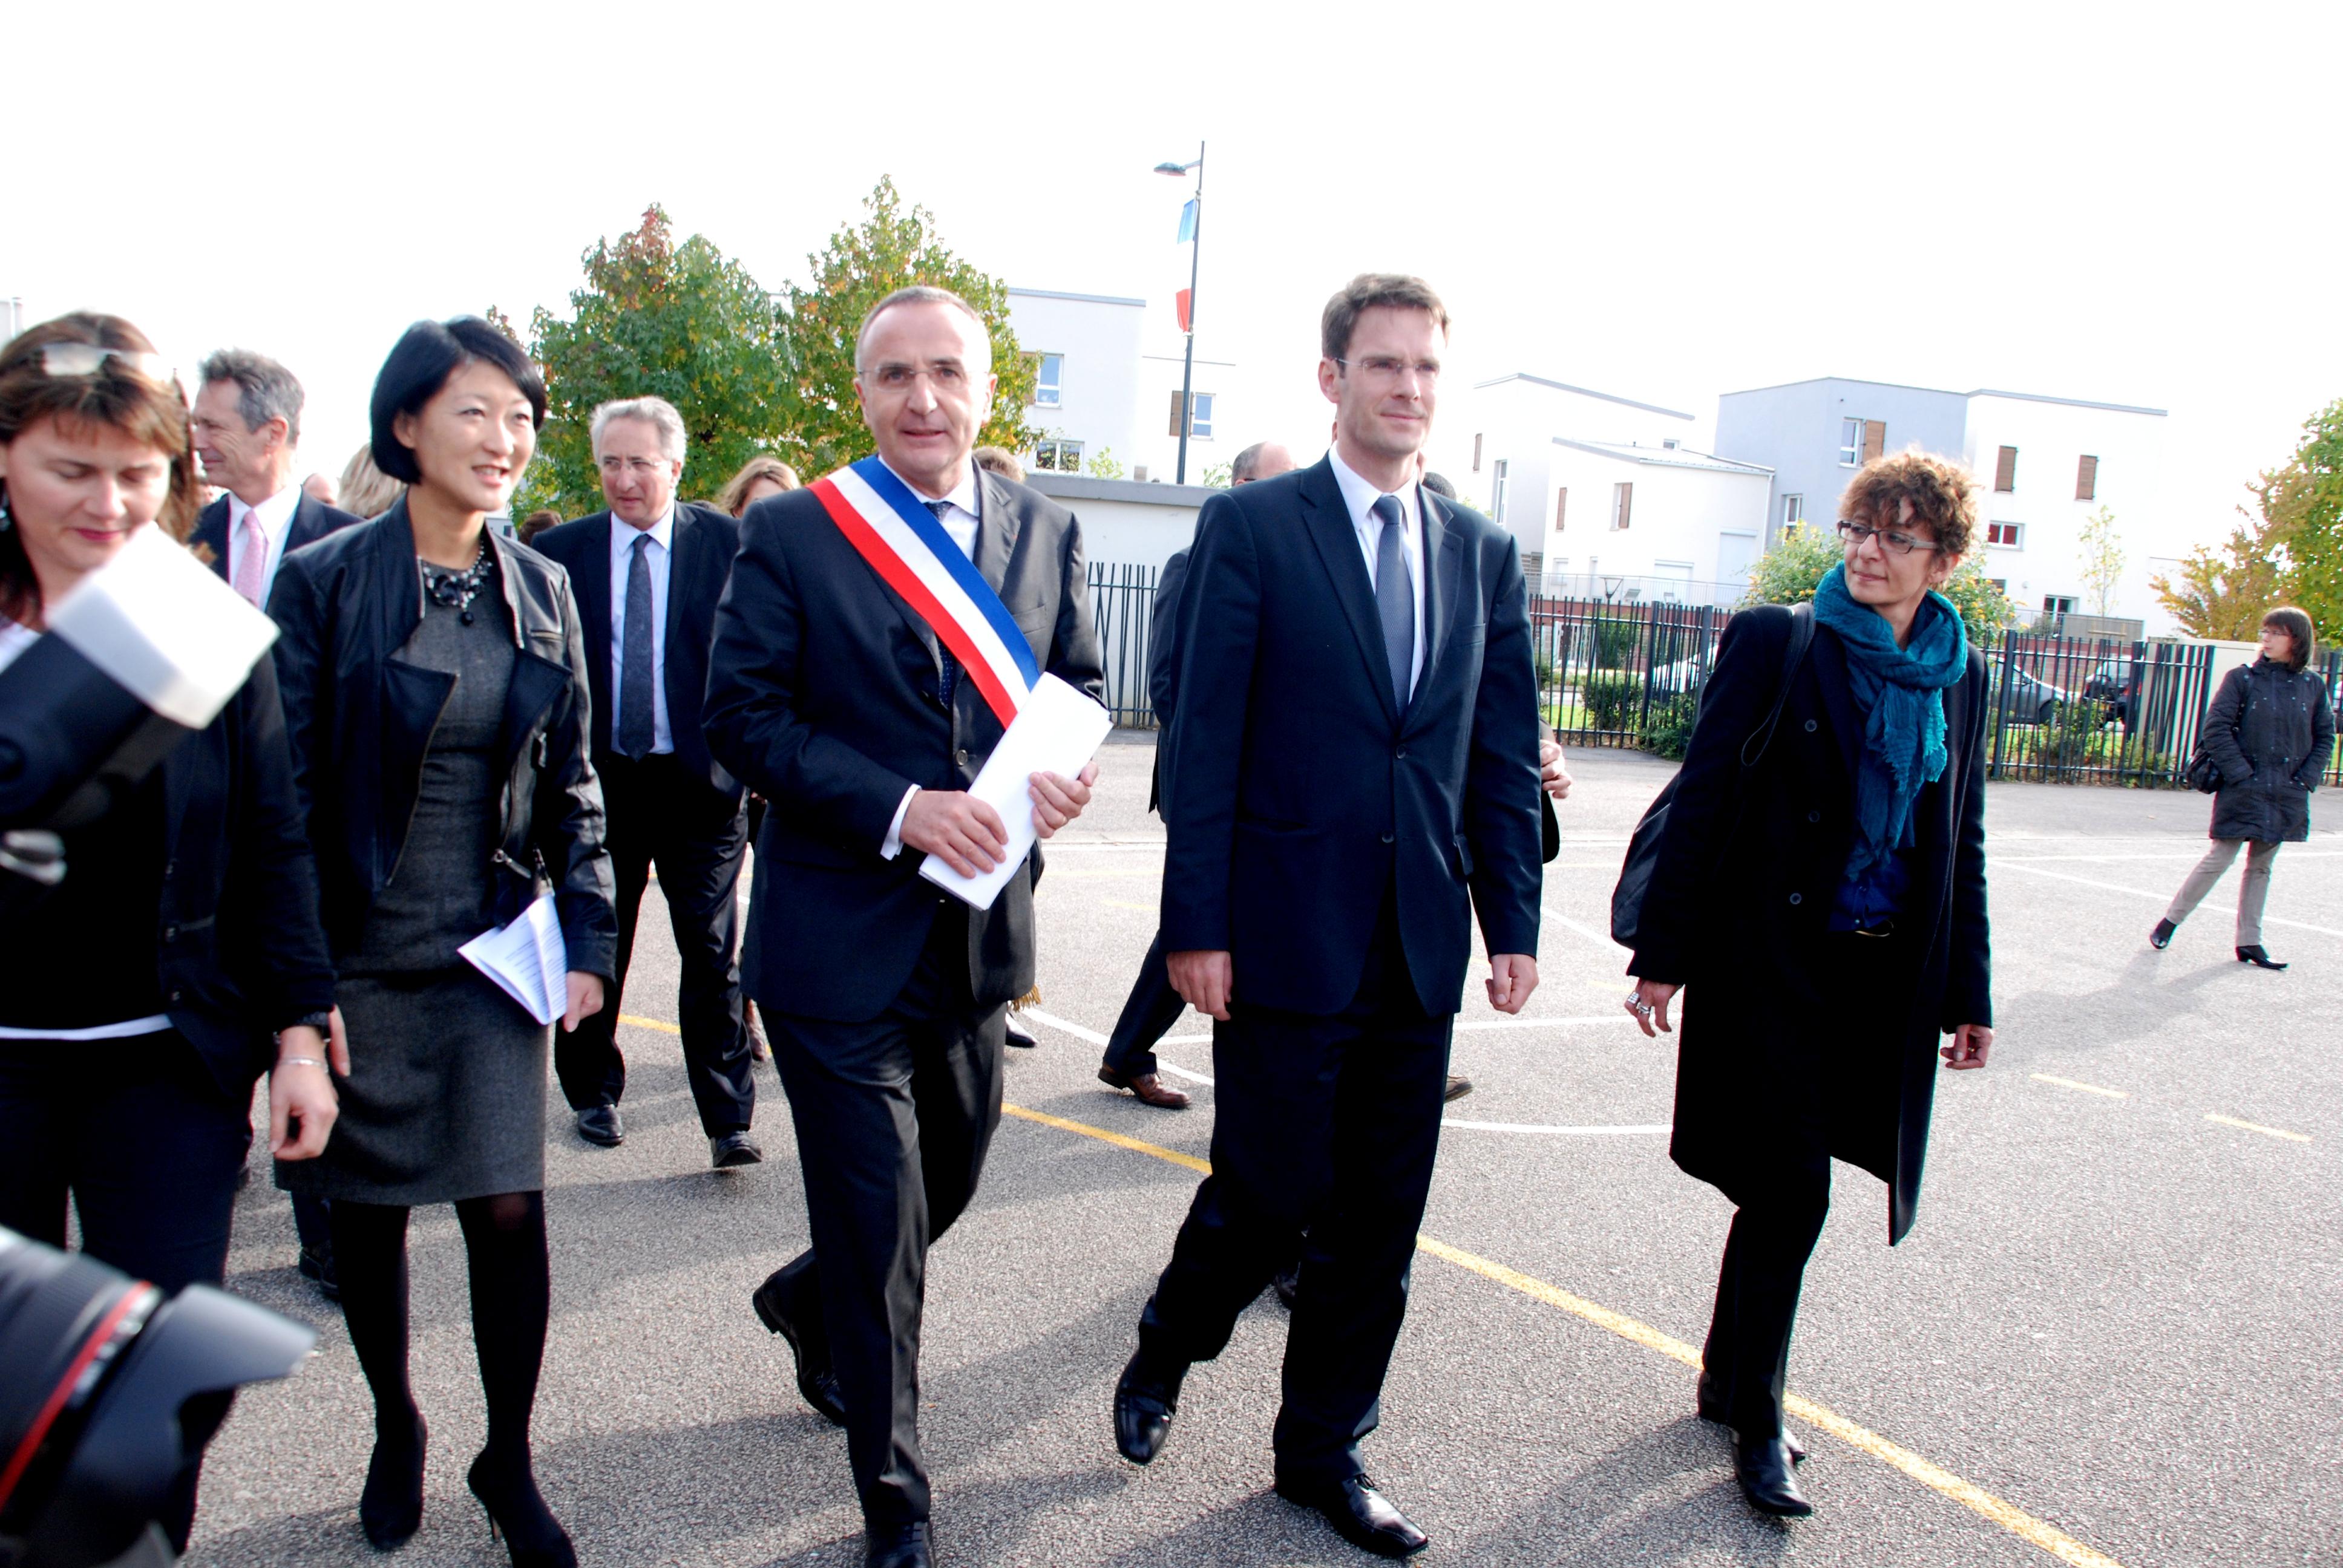 Fleur Pellerin, Ministre des PME, de l'innovation et de l'économie numérique à Val-de-Reuil